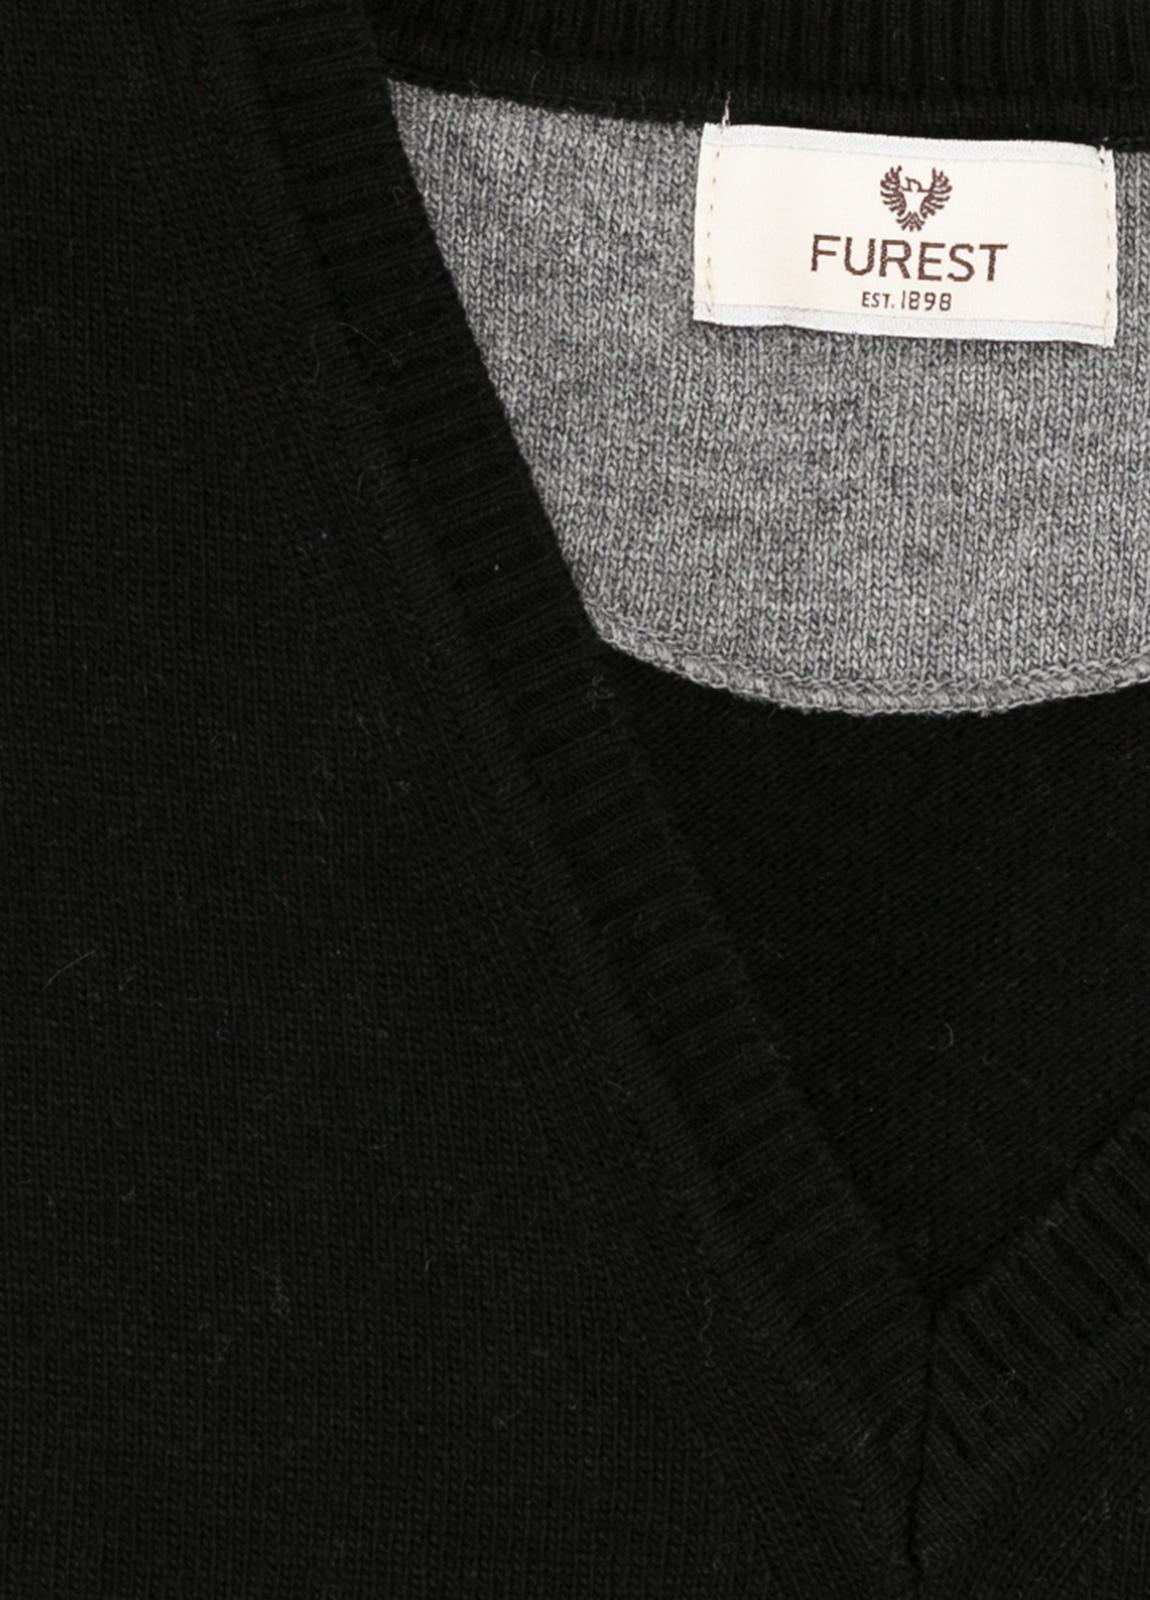 Jersey liso cuello pico color negro, 40% lana merino, 20% viscosa, 10% cachemire